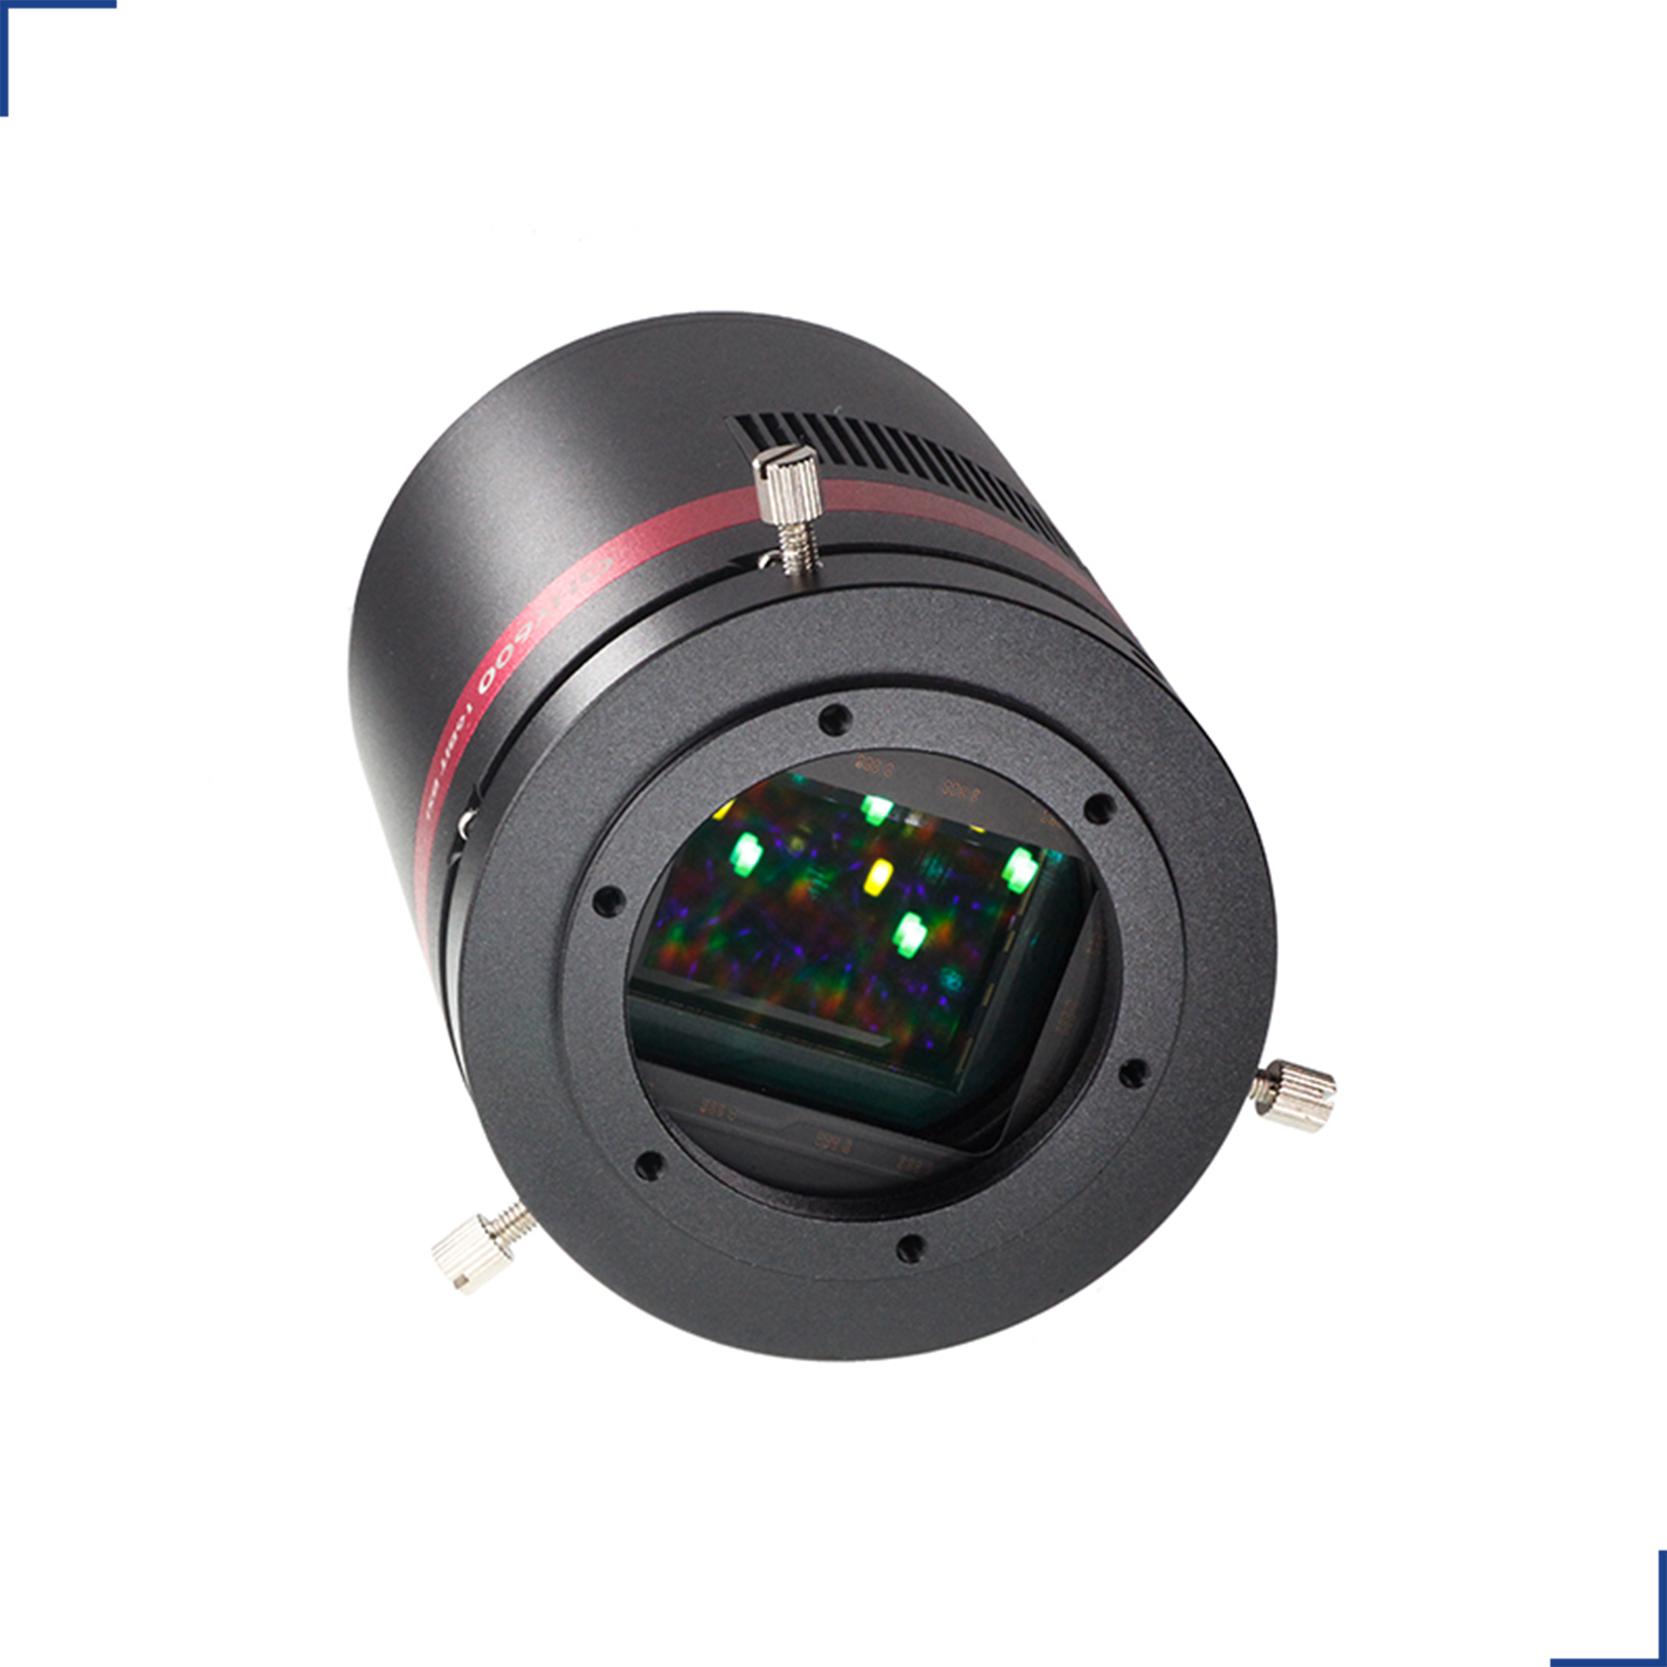 QHYCCD QHY600PH IMX455 CMOS